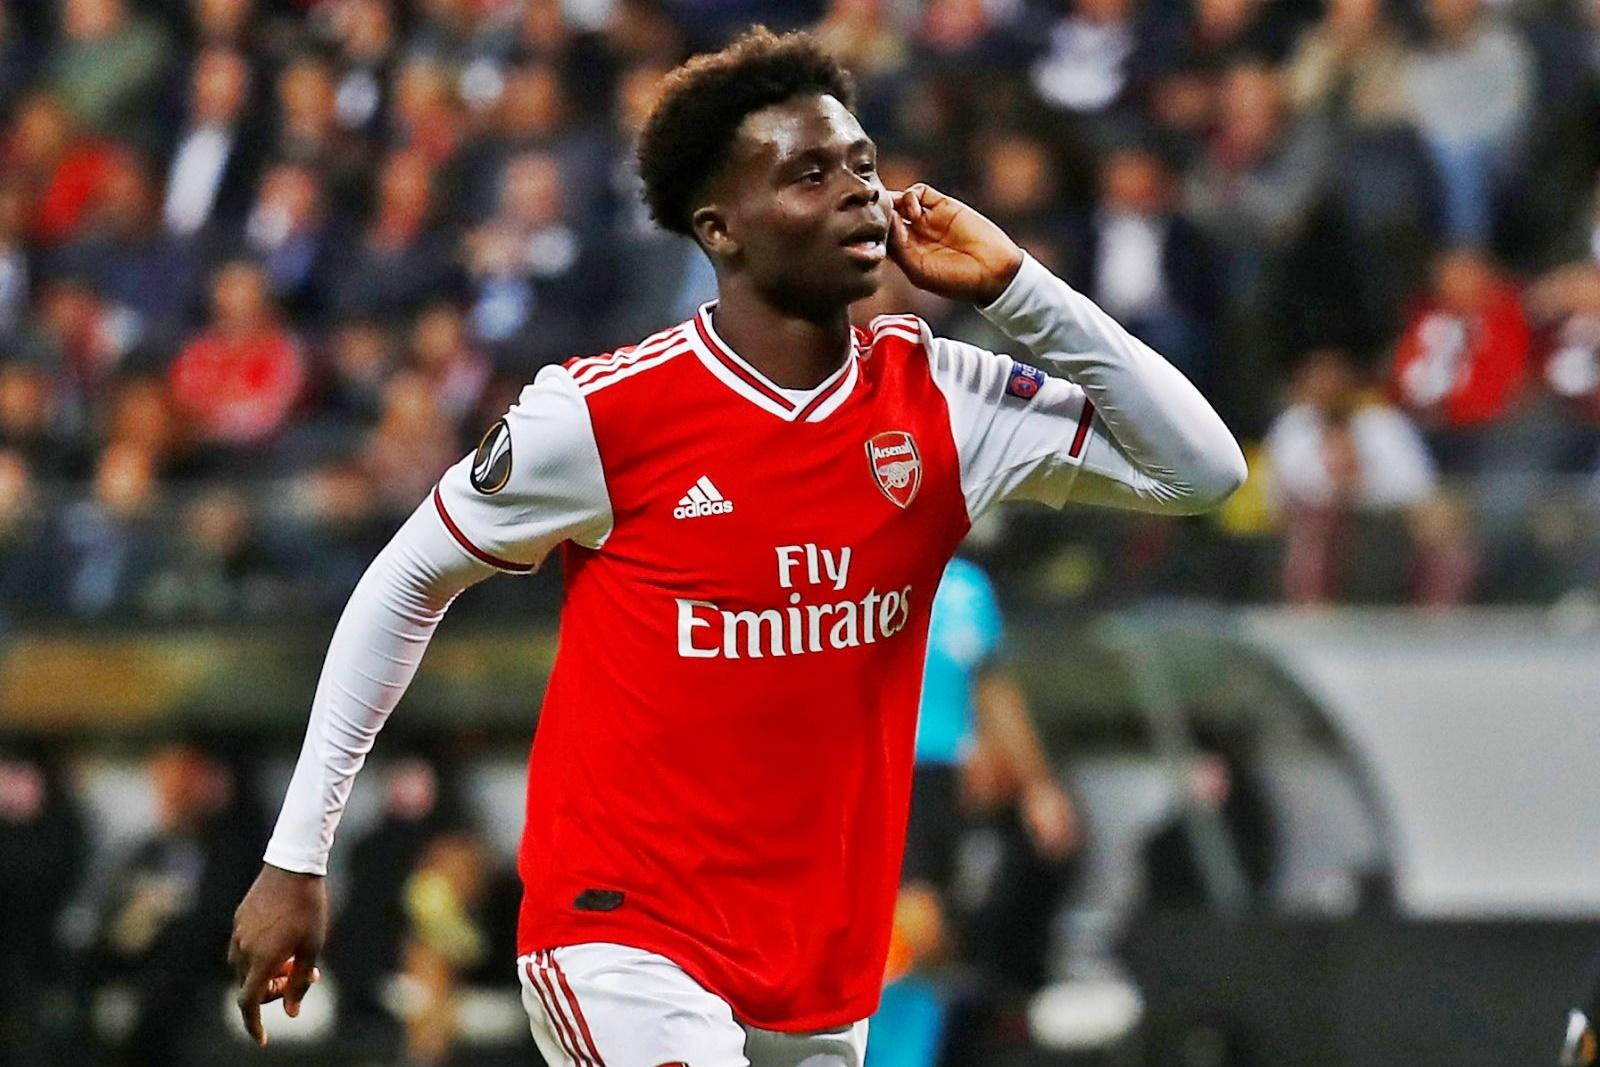 Thông tin danh sách cầu thủ Arsenal xuất sắc nhất hiện nay